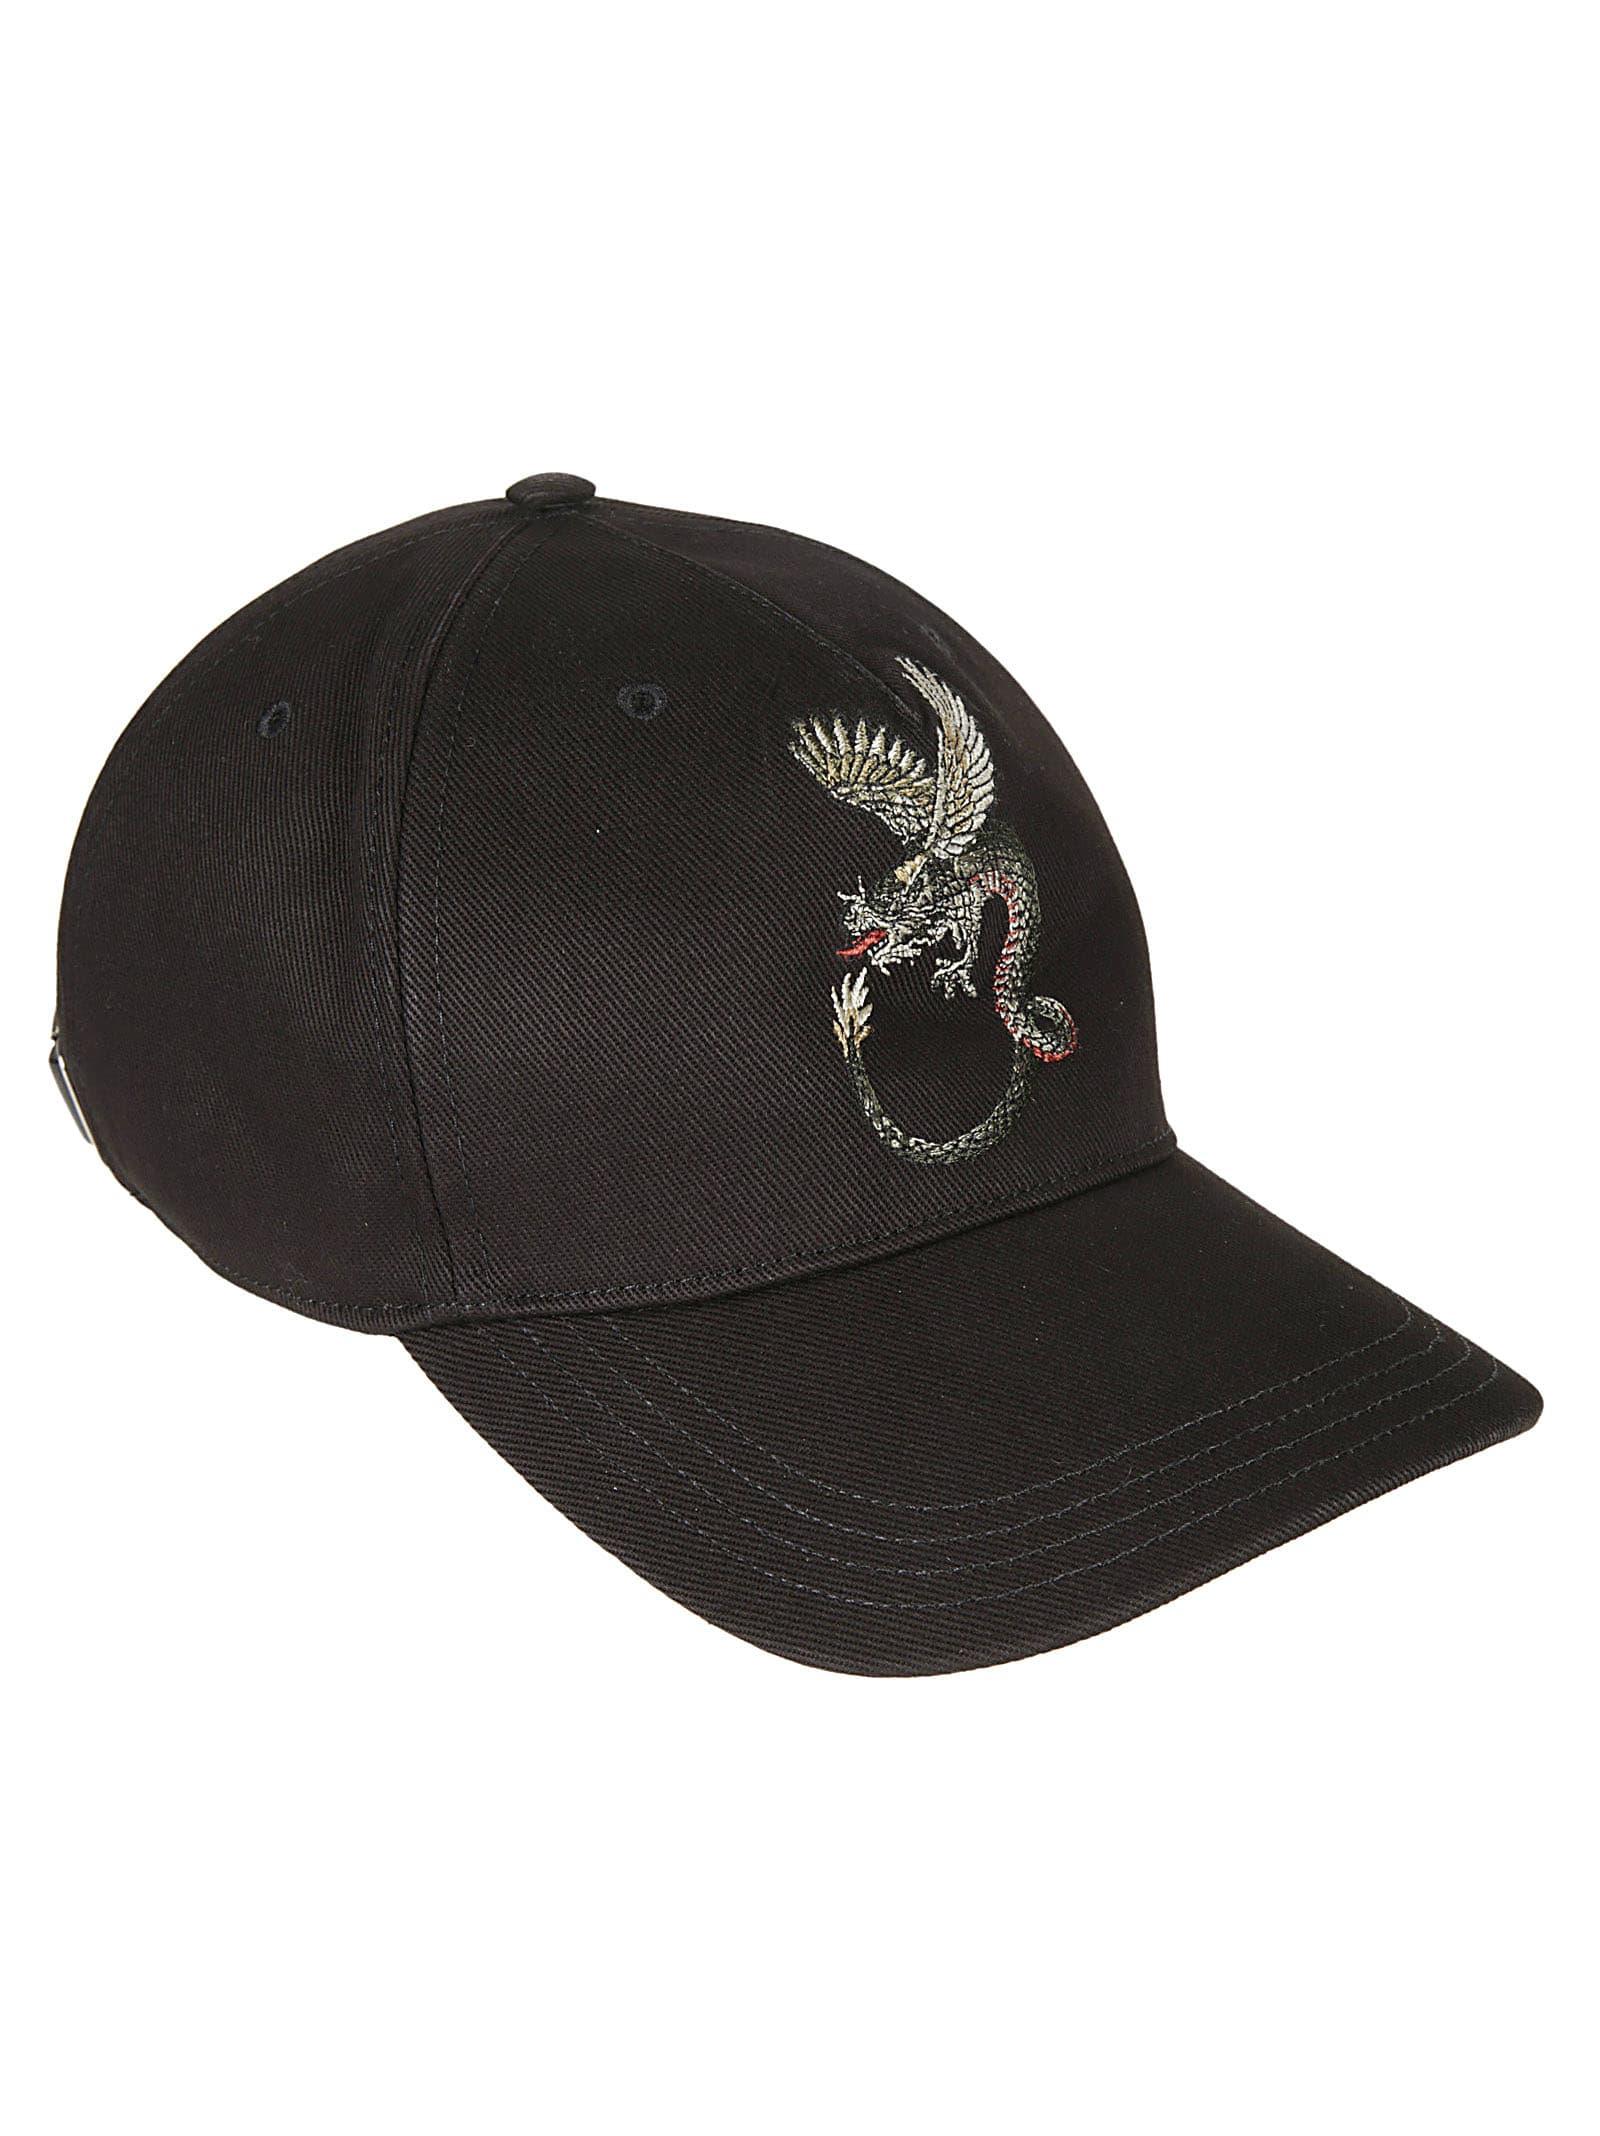 Alexander Mcqueen Hats DRAGON EMBLEM CAP